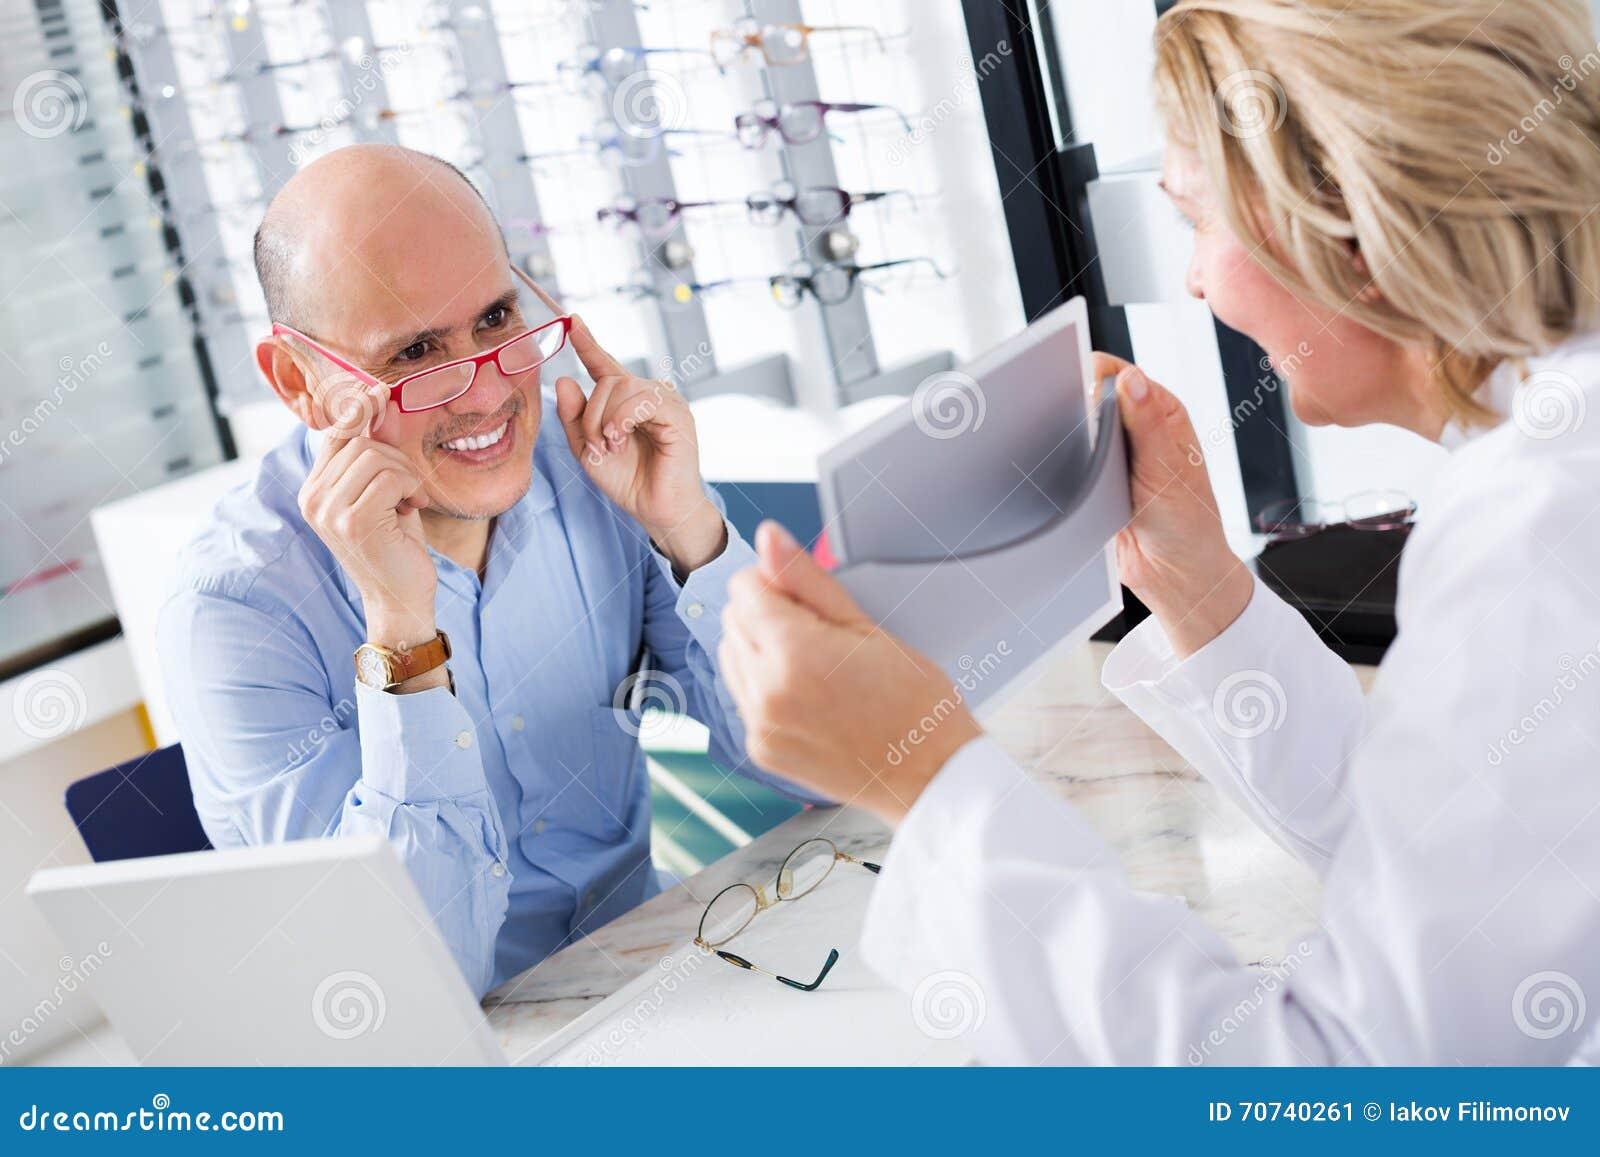 Beratungskunde Des Optikers über Rahmen Stockbild - Bild von doktor ...